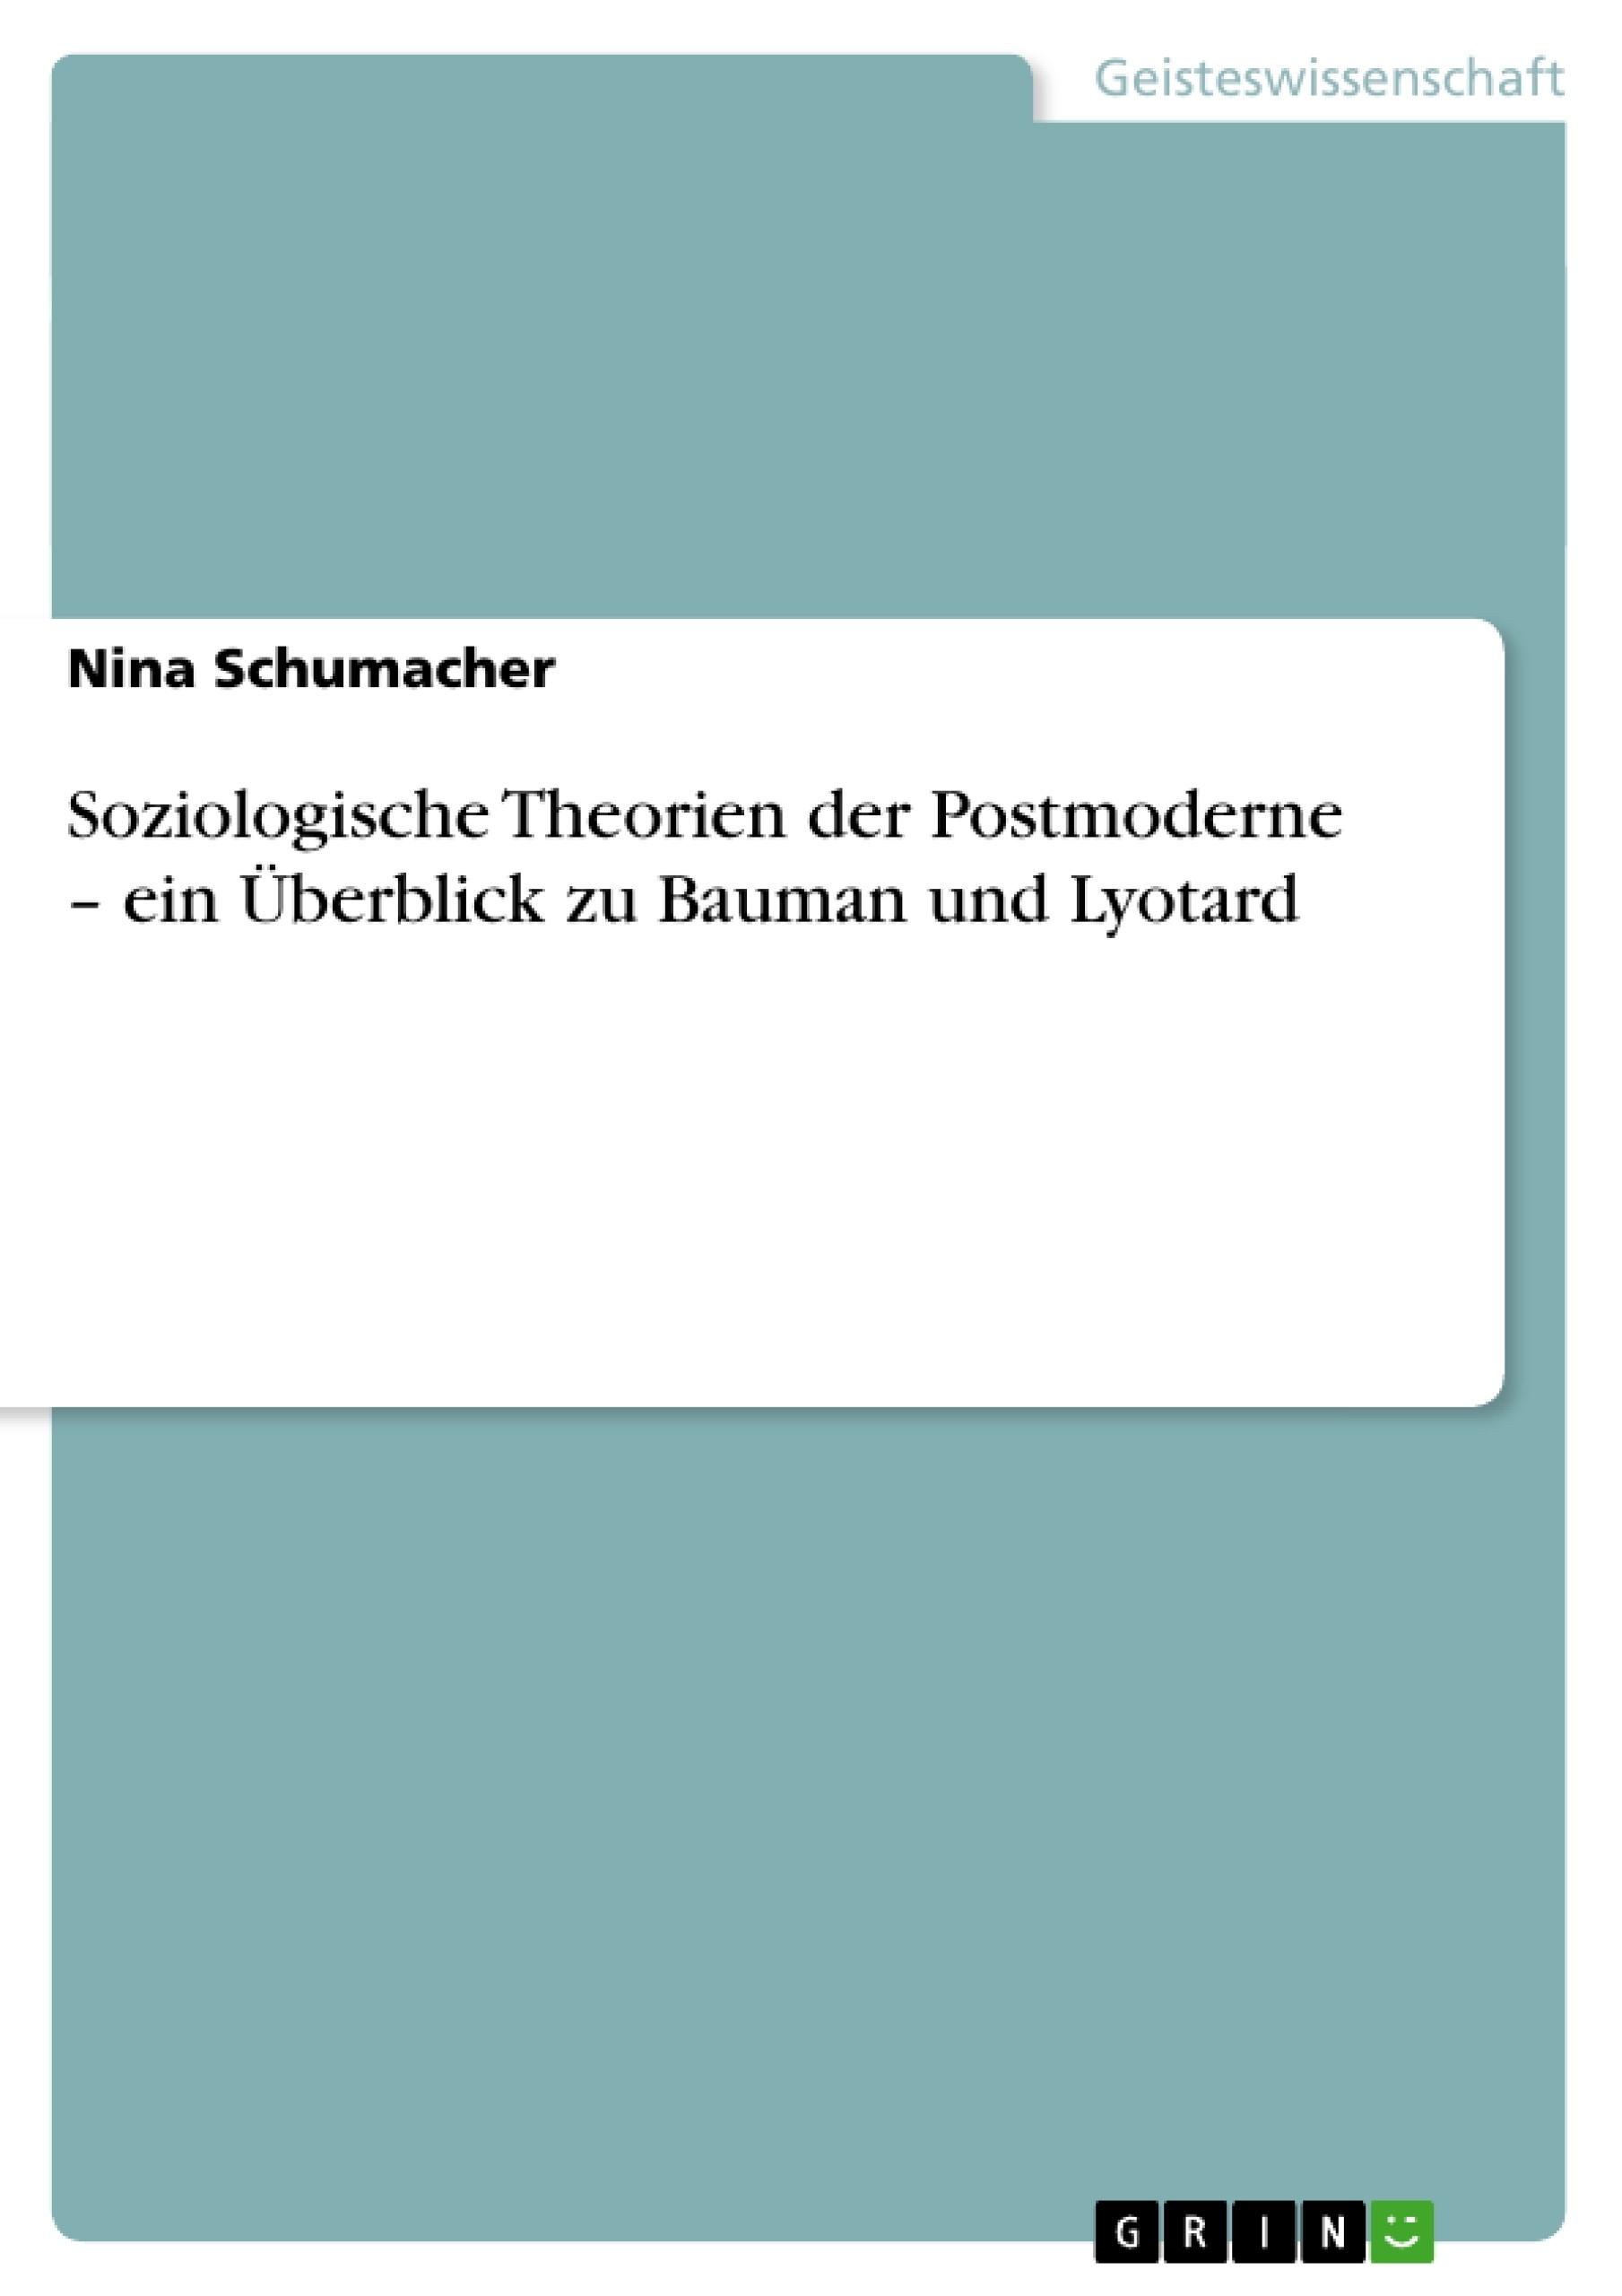 Titel: Soziologische Theorien der Postmoderne – ein Überblick zu Bauman und Lyotard